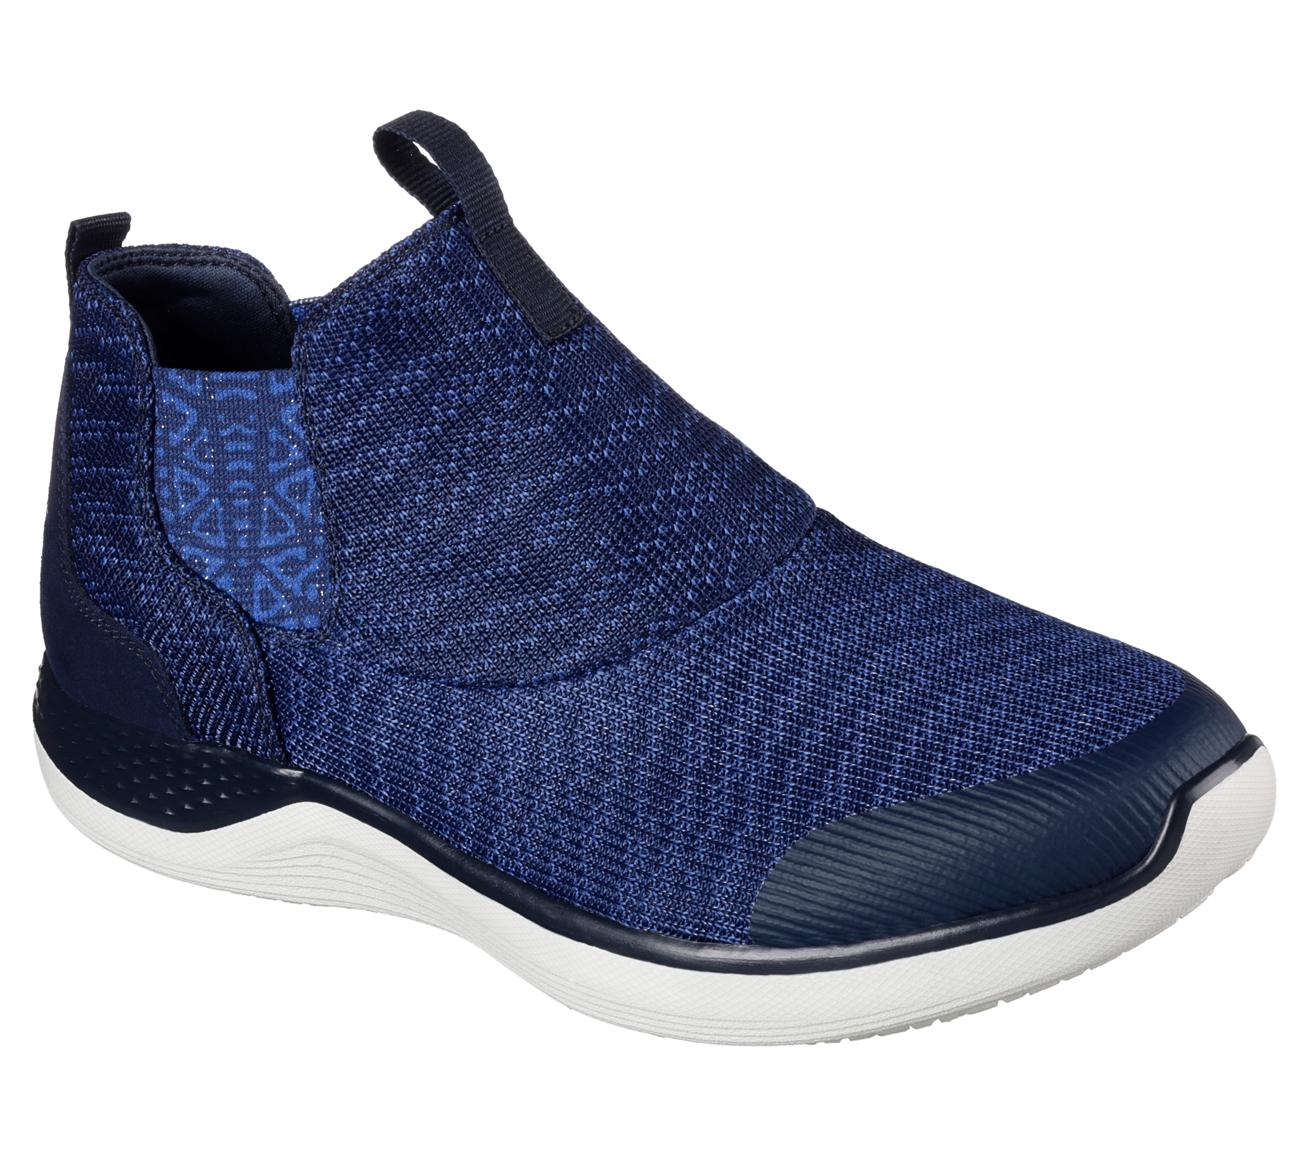 Buy SKECHERS Orbit Sport Active Shoes only $60.00